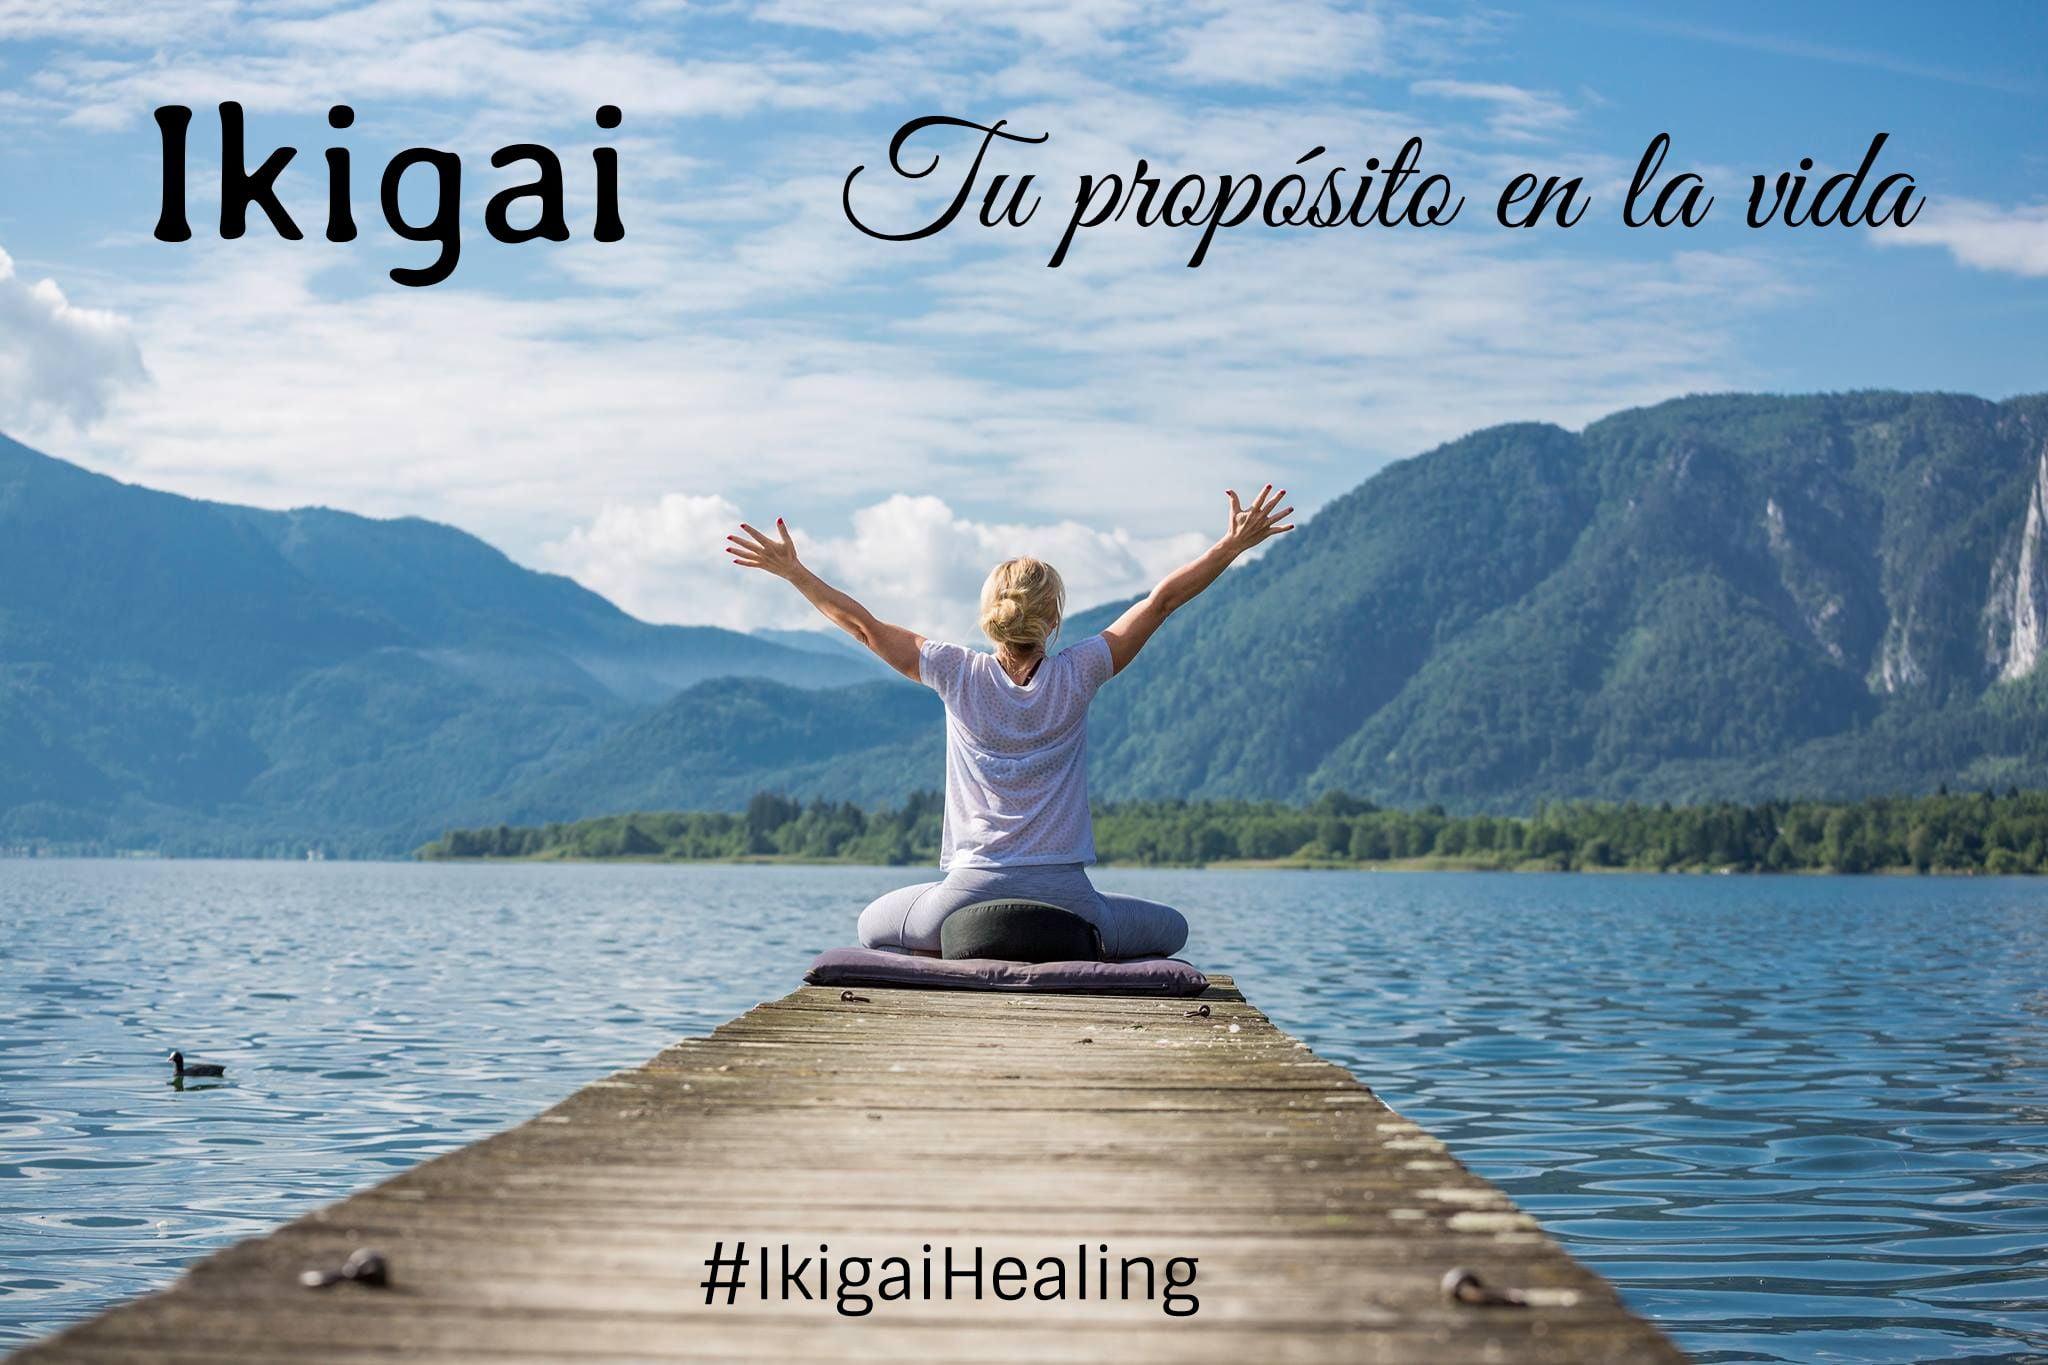 La historia del Ikigai Healing